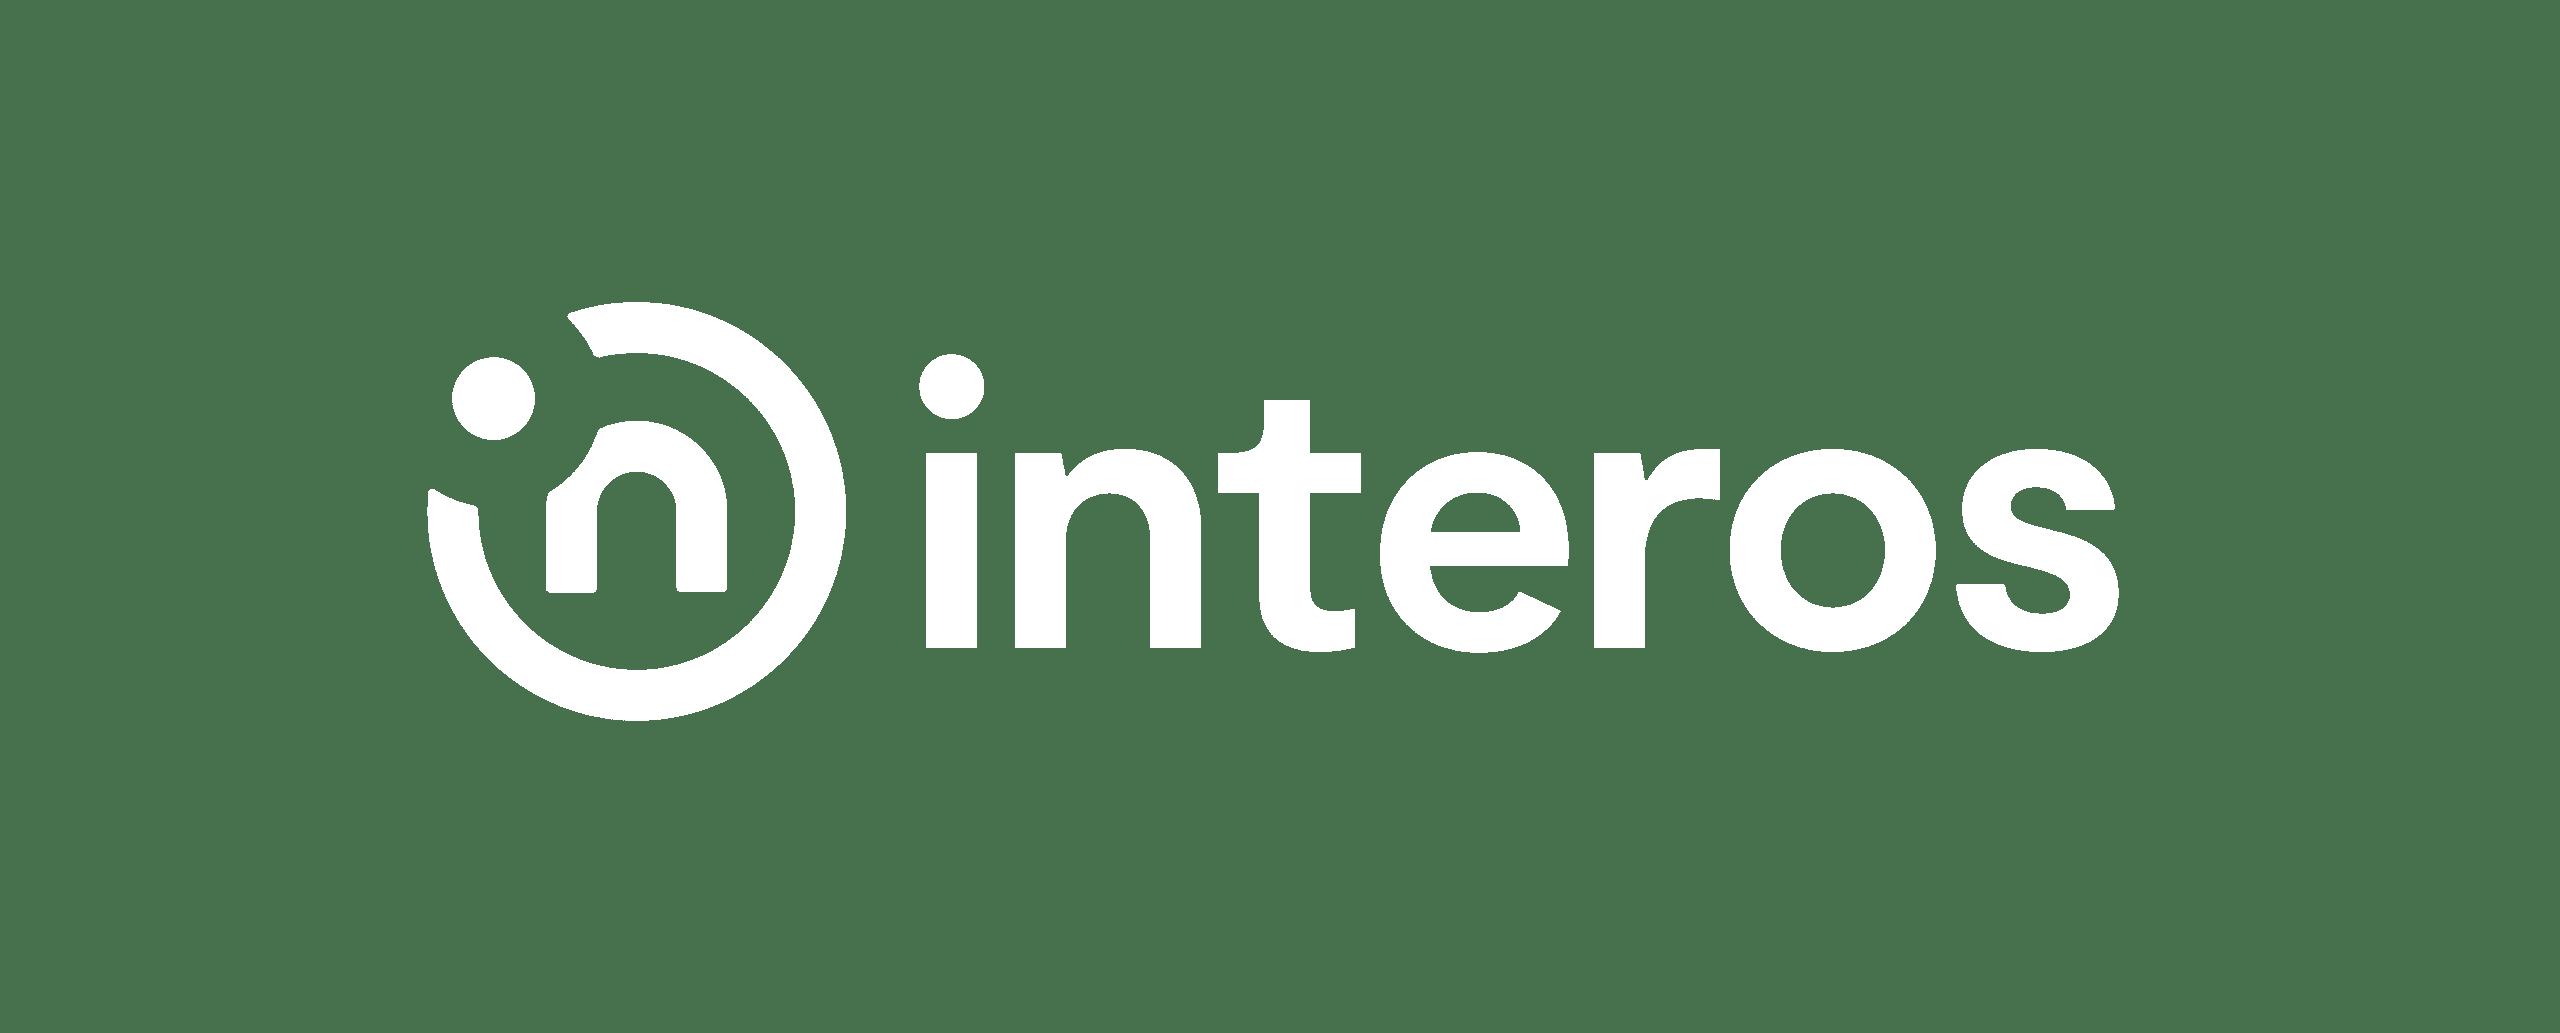 Interos logo white